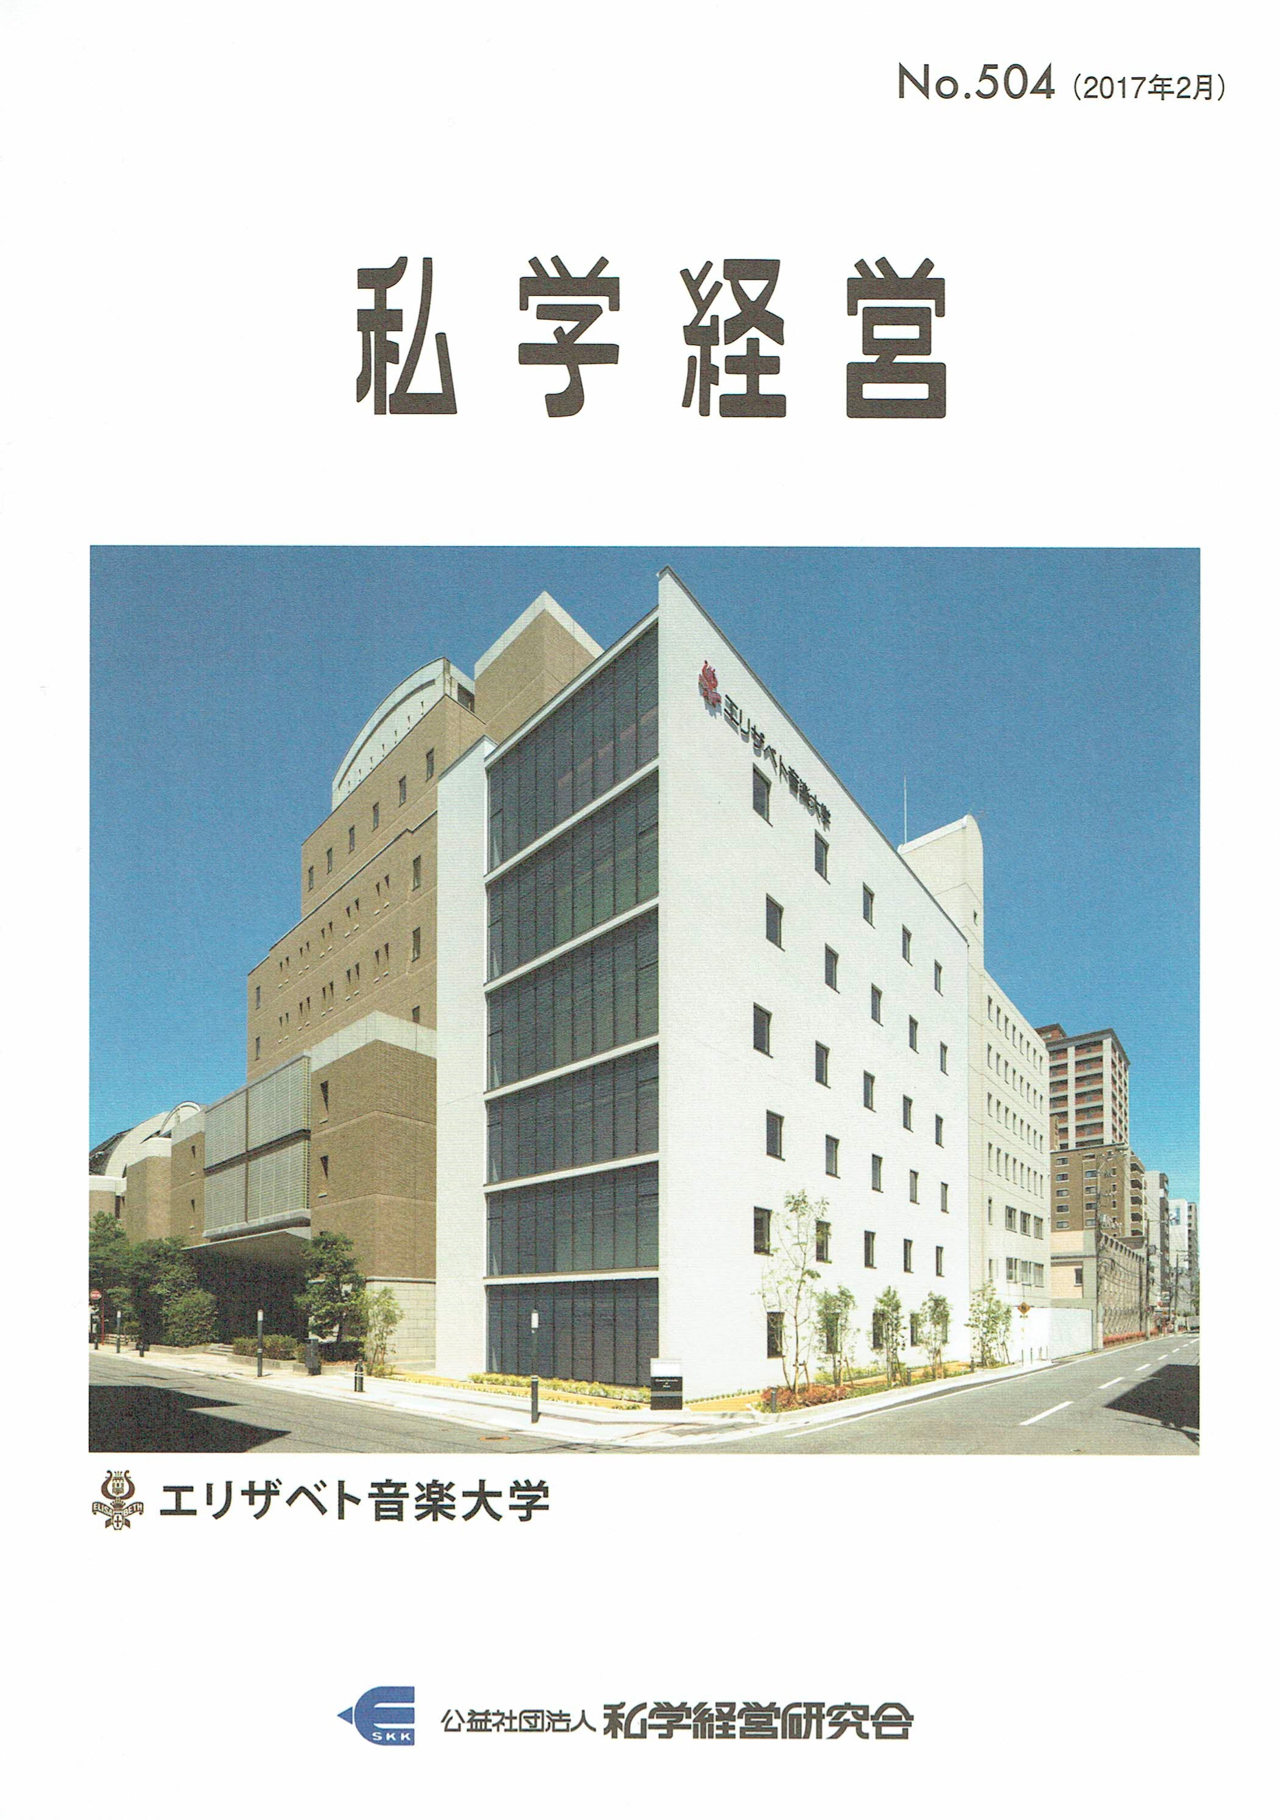 私学経営研究会「私学経営 No.504」論文イメージ